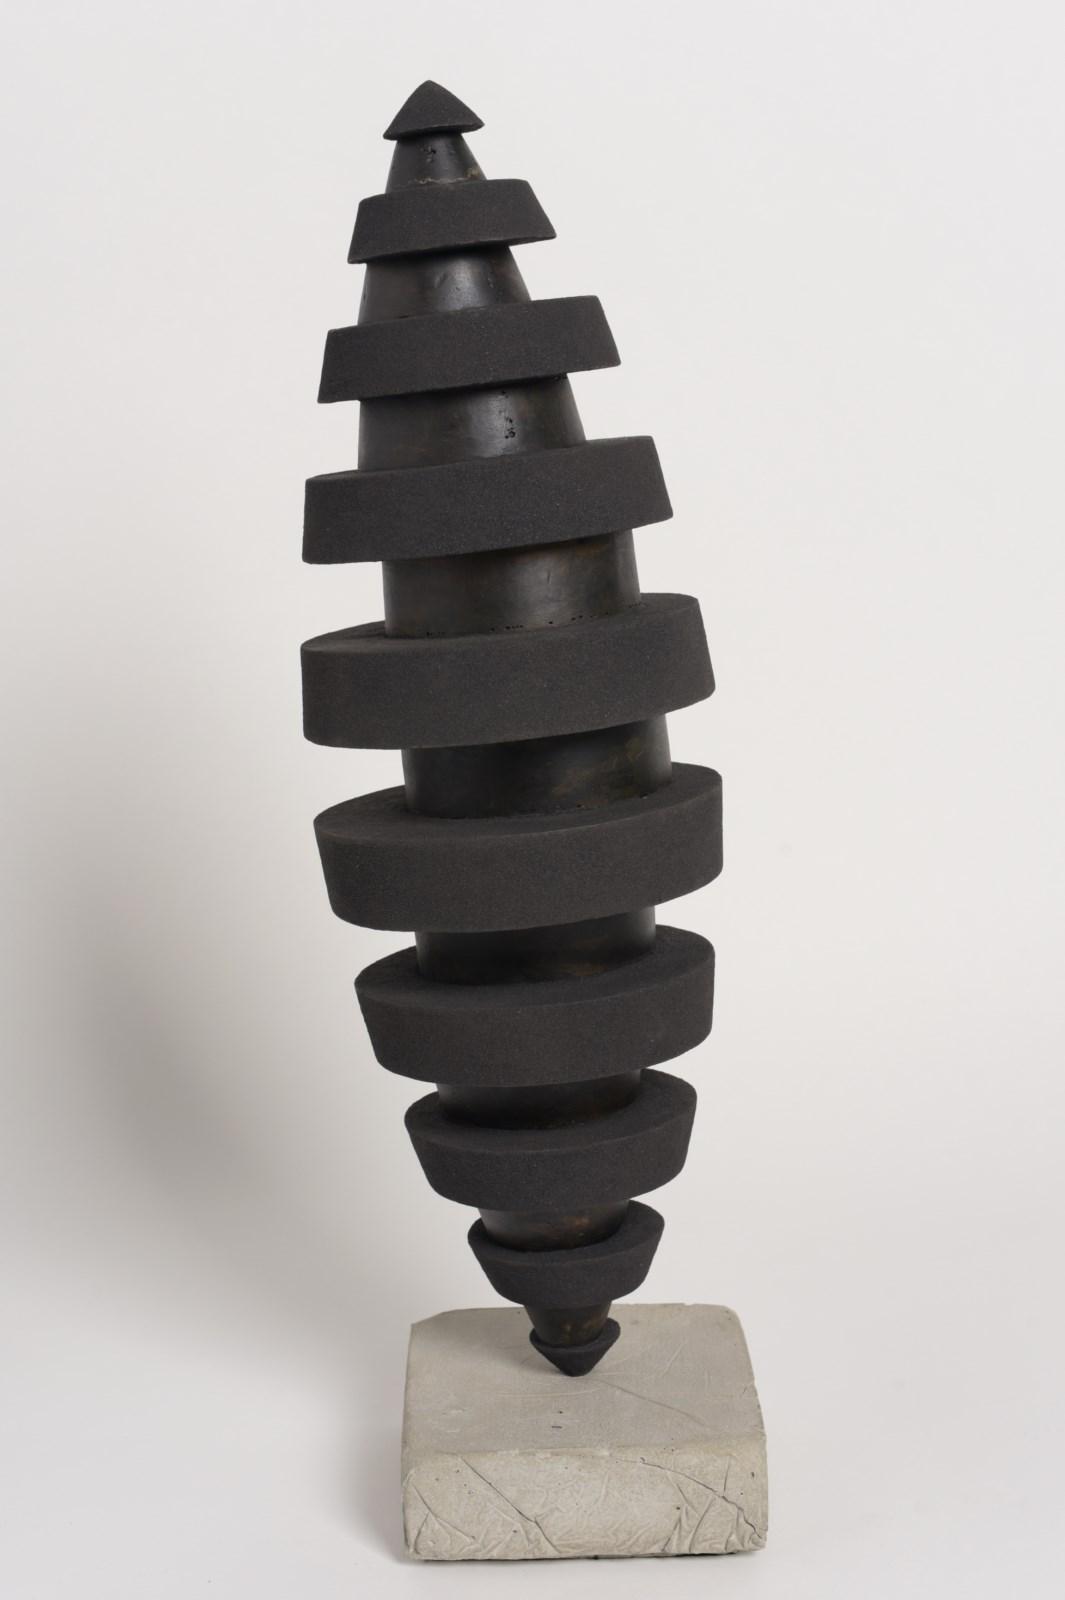 Sculpture-fer-patine-verni-limaille-de-fer-hauteur:66cm-artiste-sculpteur-contemporain-Felix-Valdelievre-2015